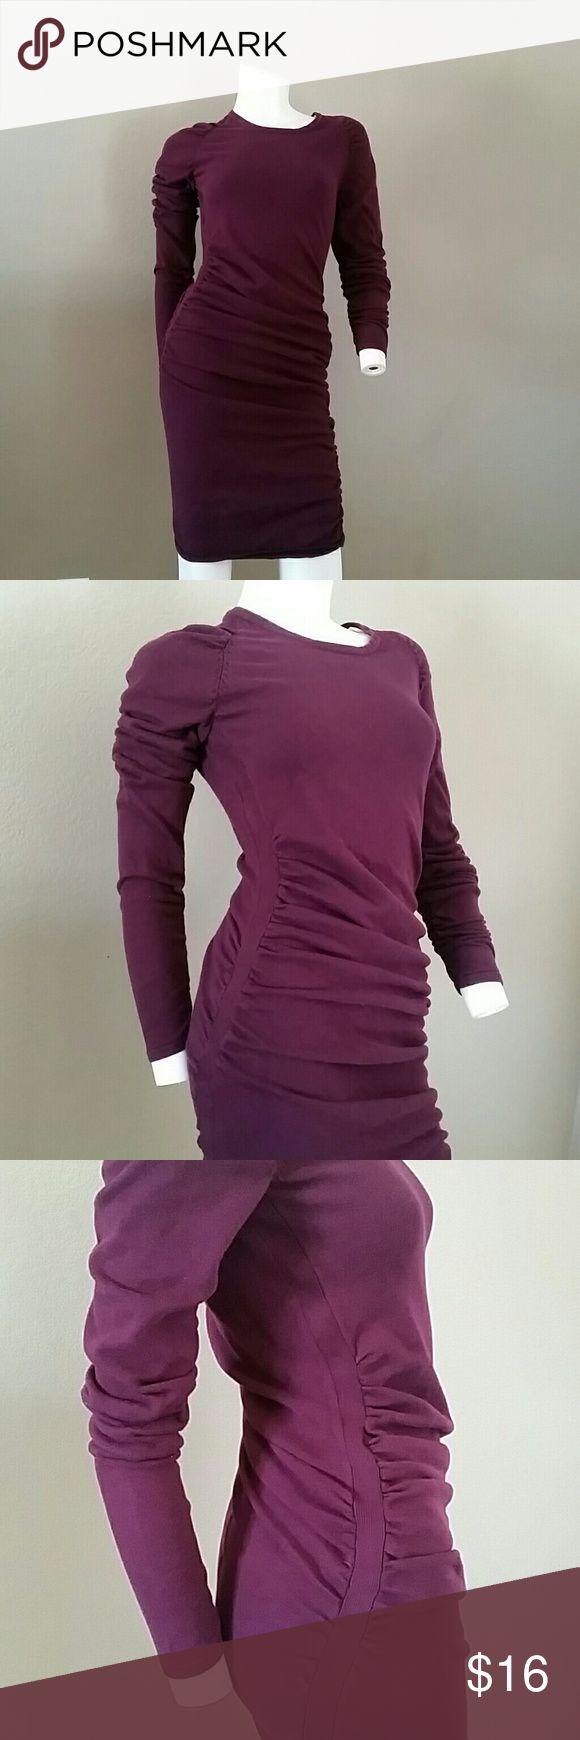 Best 25  Purple sweater ideas on Pinterest | Belstaff purses, What ...